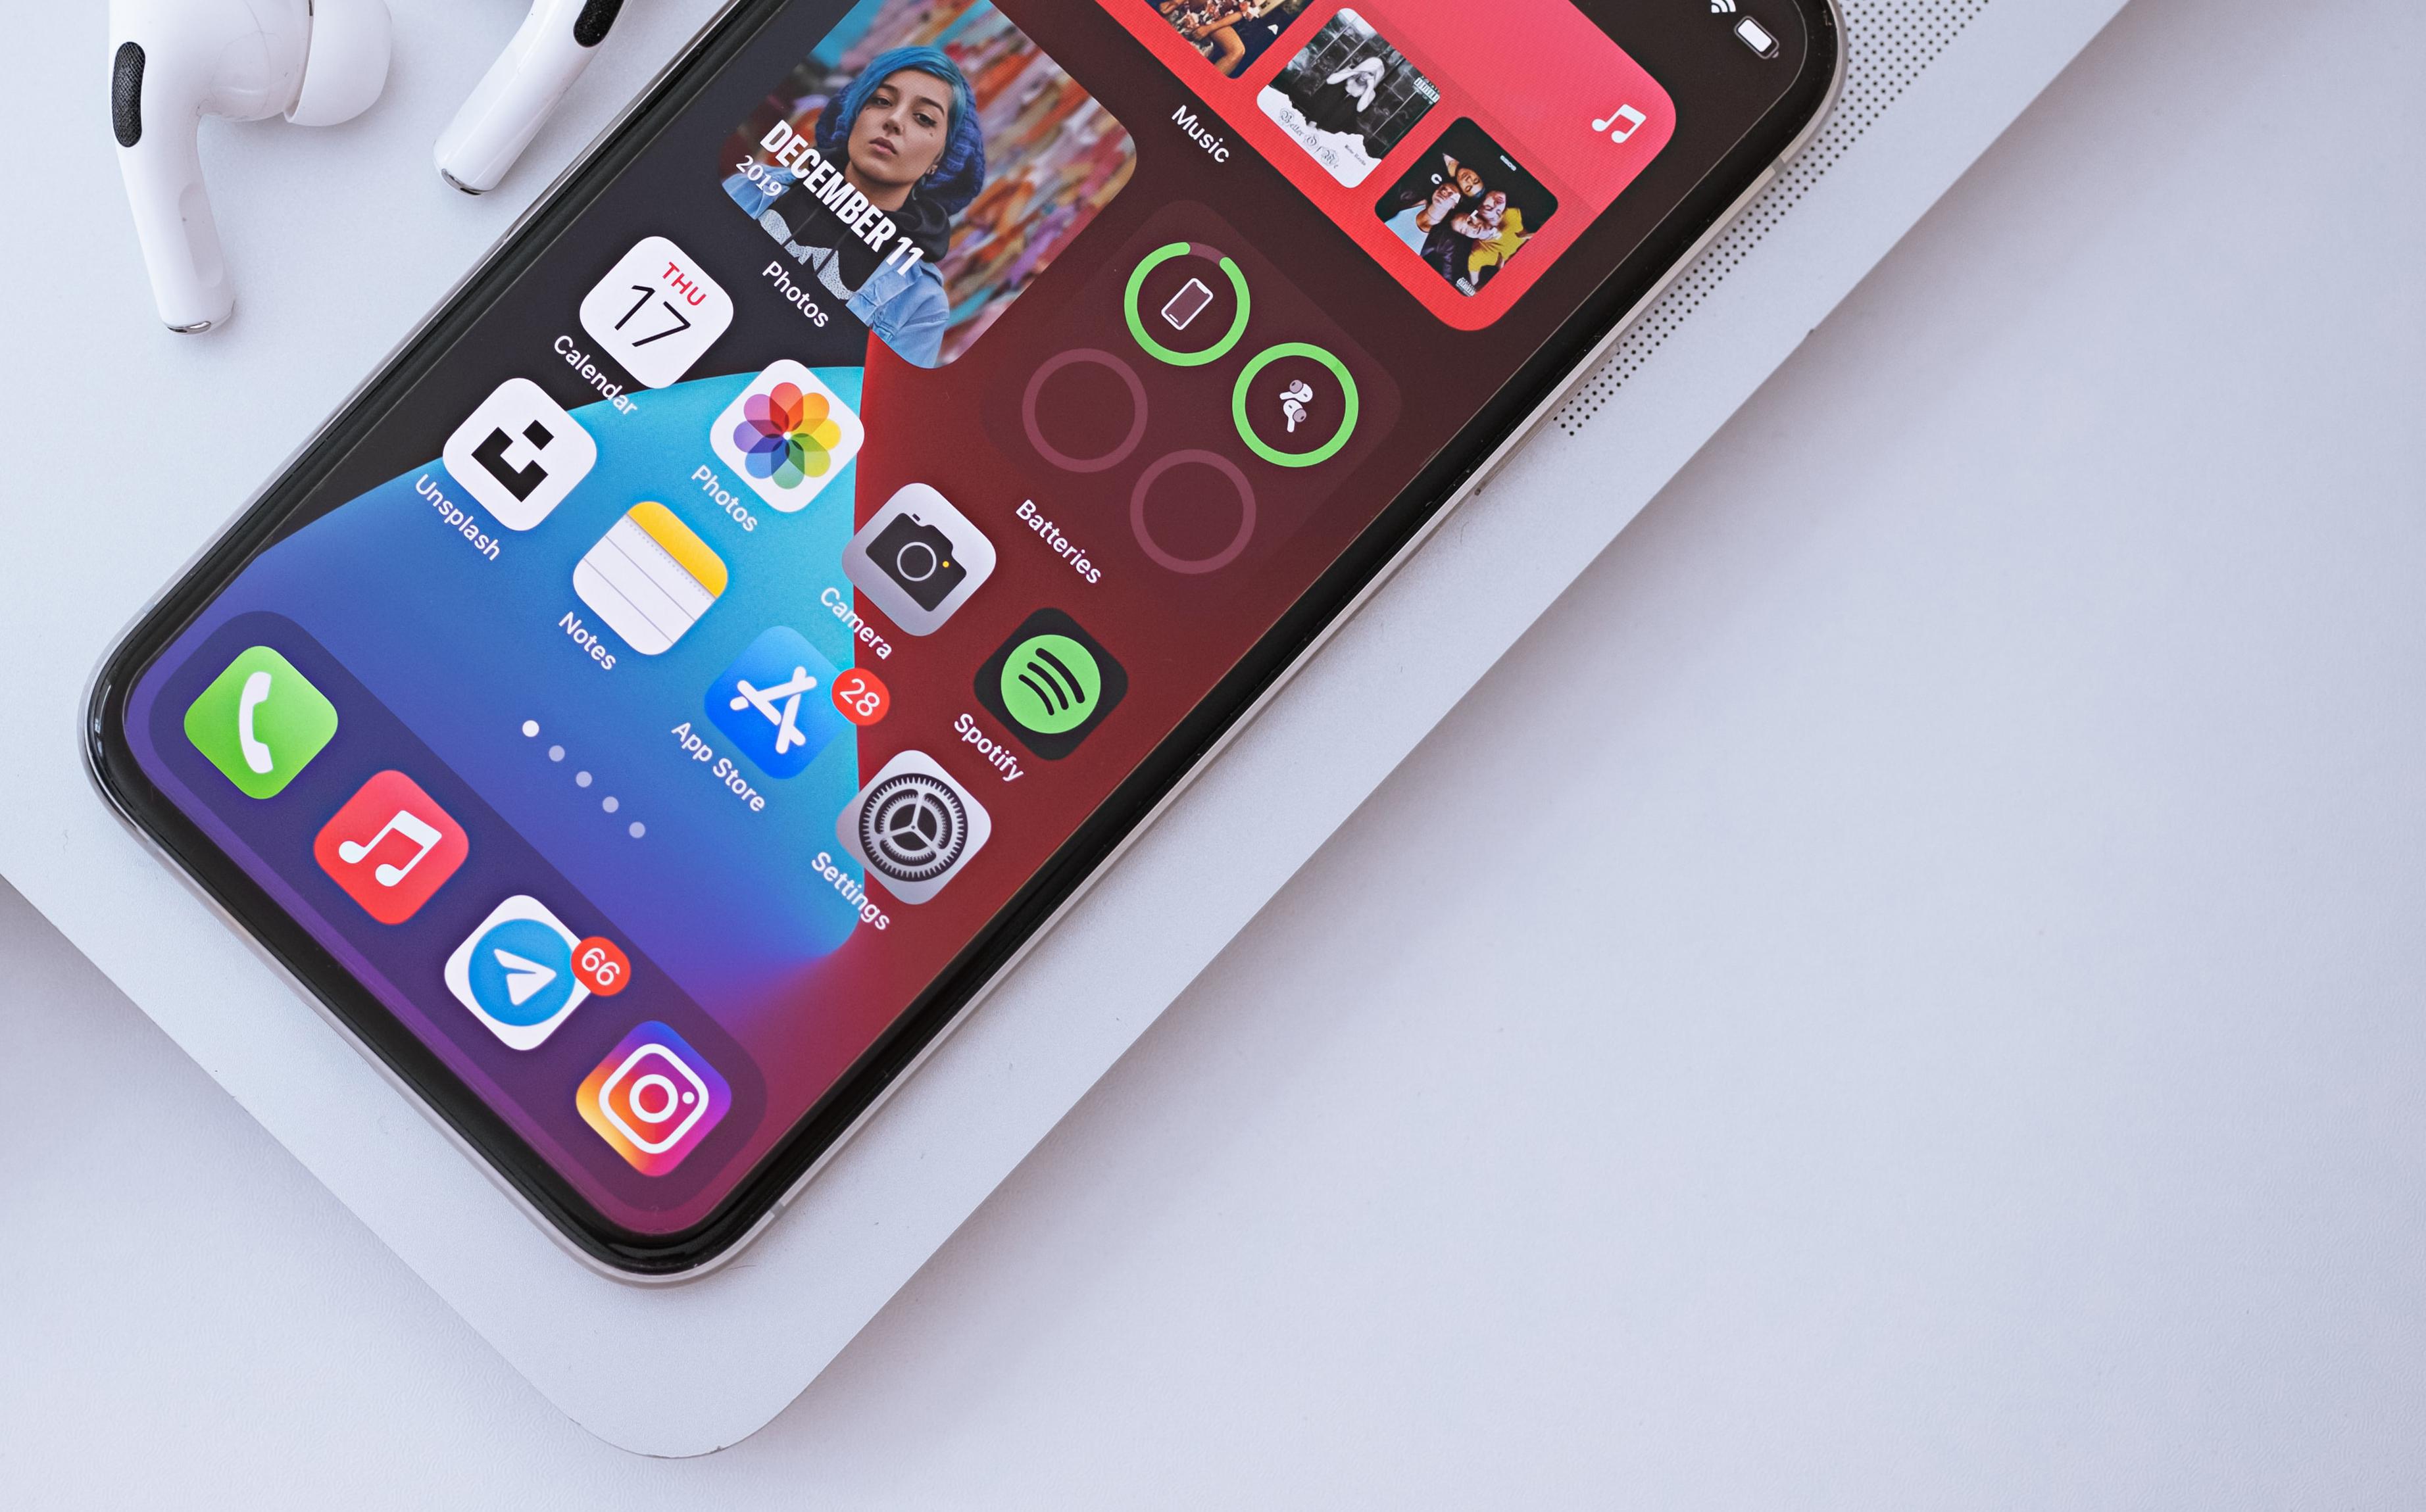 苹果推送 iOS 14.2 更新 还为早期设备带来 iOS 12.4.9 更新